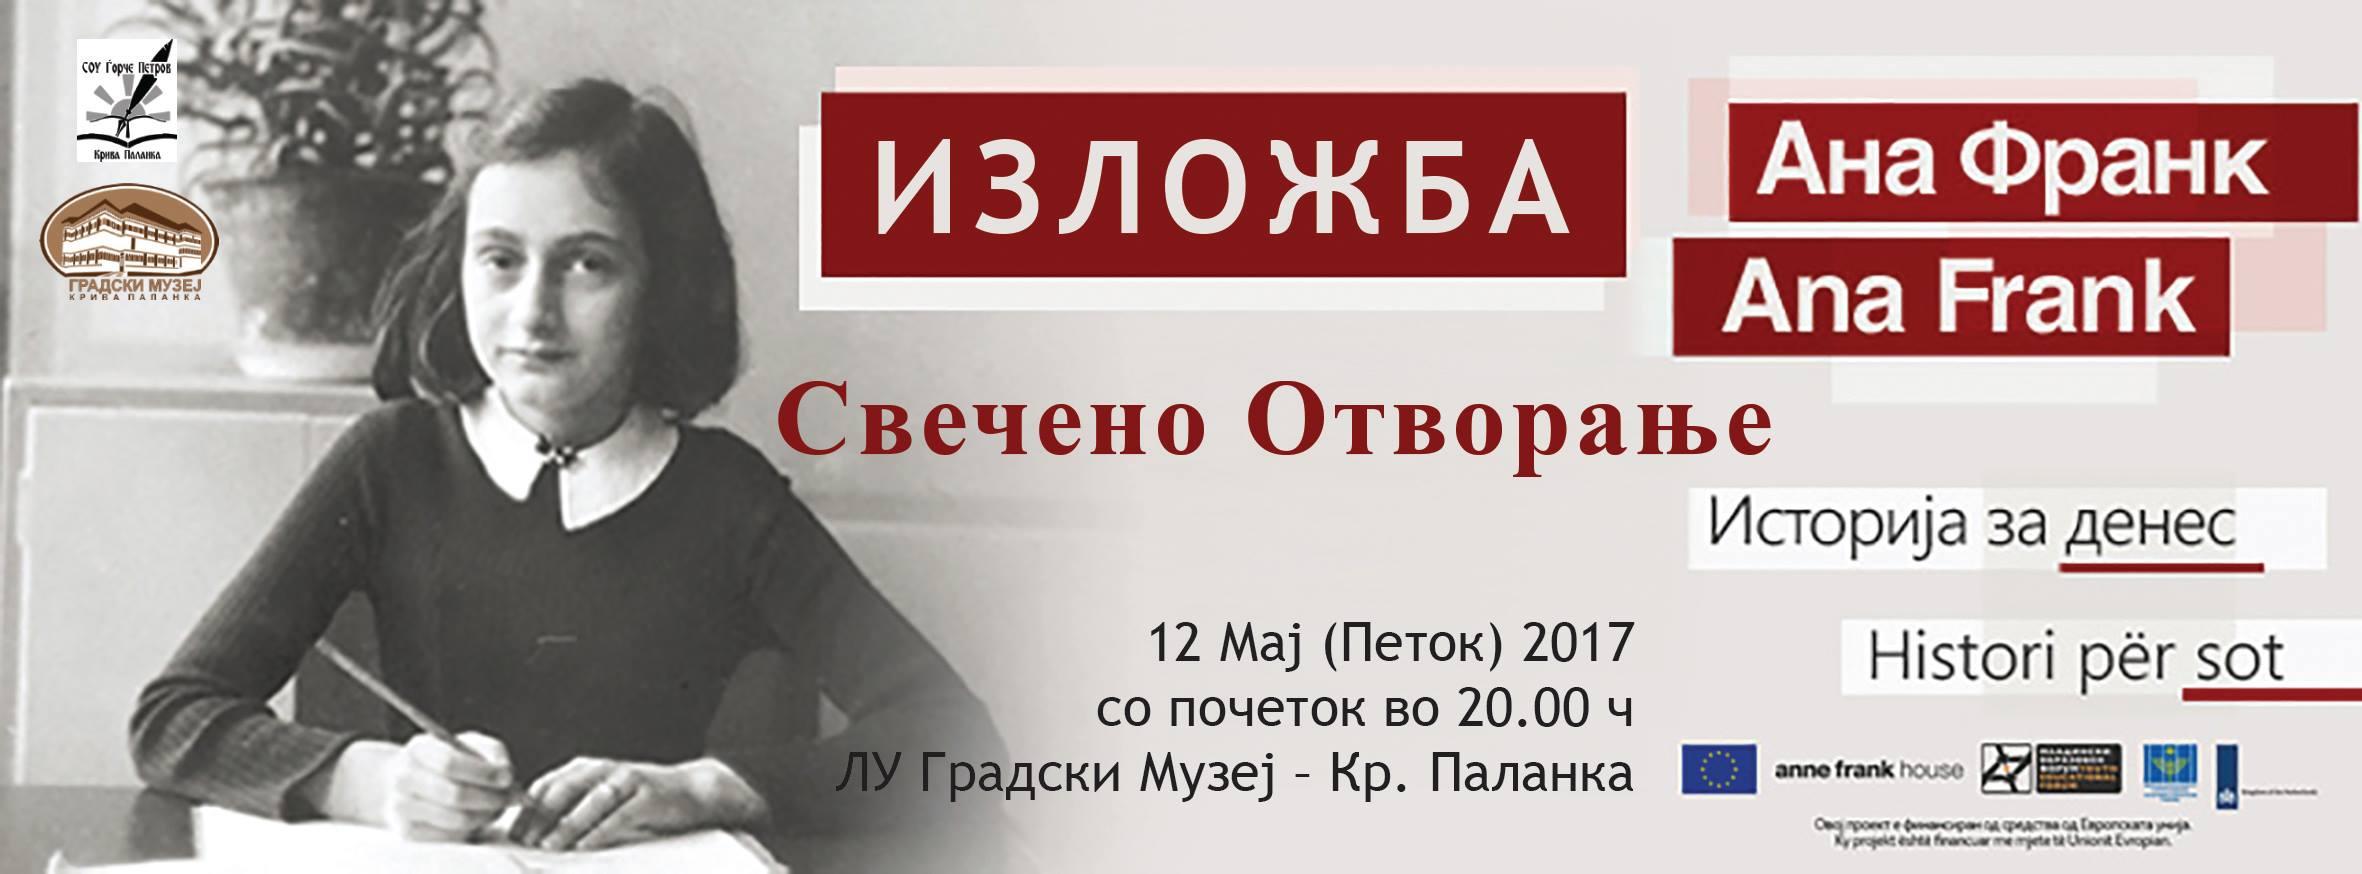 """Изложба """"Ана Франк-Историја за денес"""""""